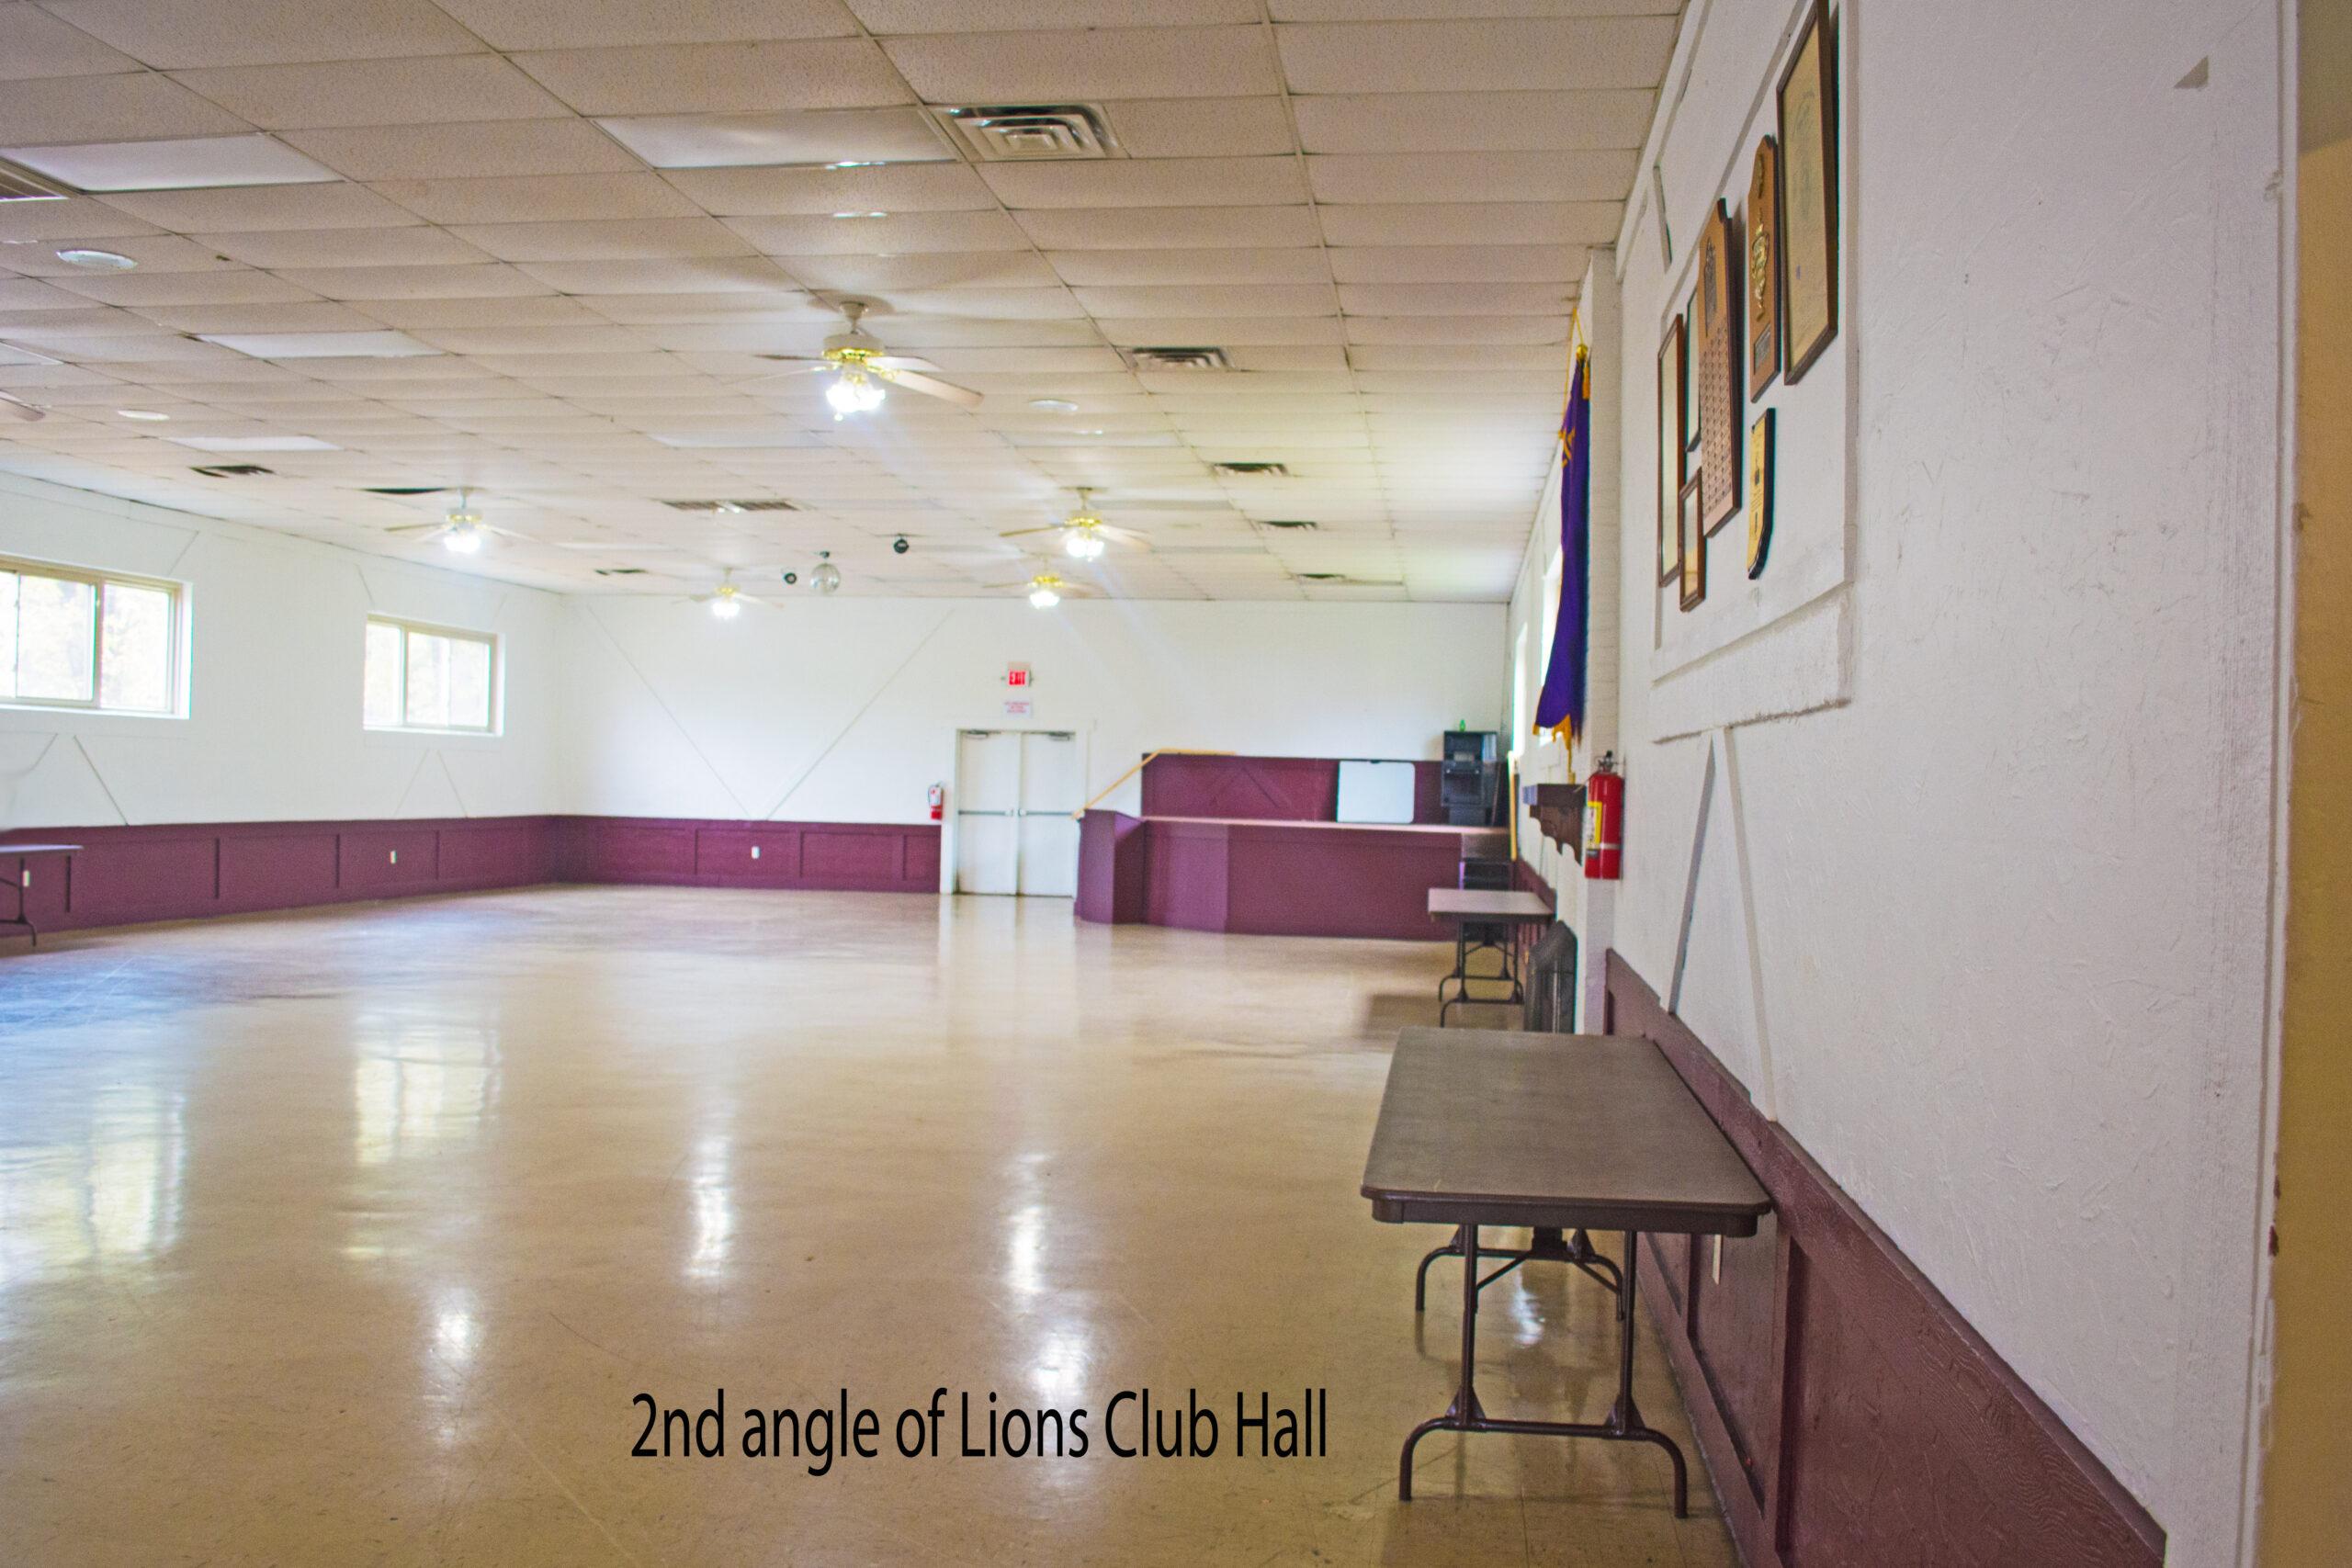 2nd angle Hall